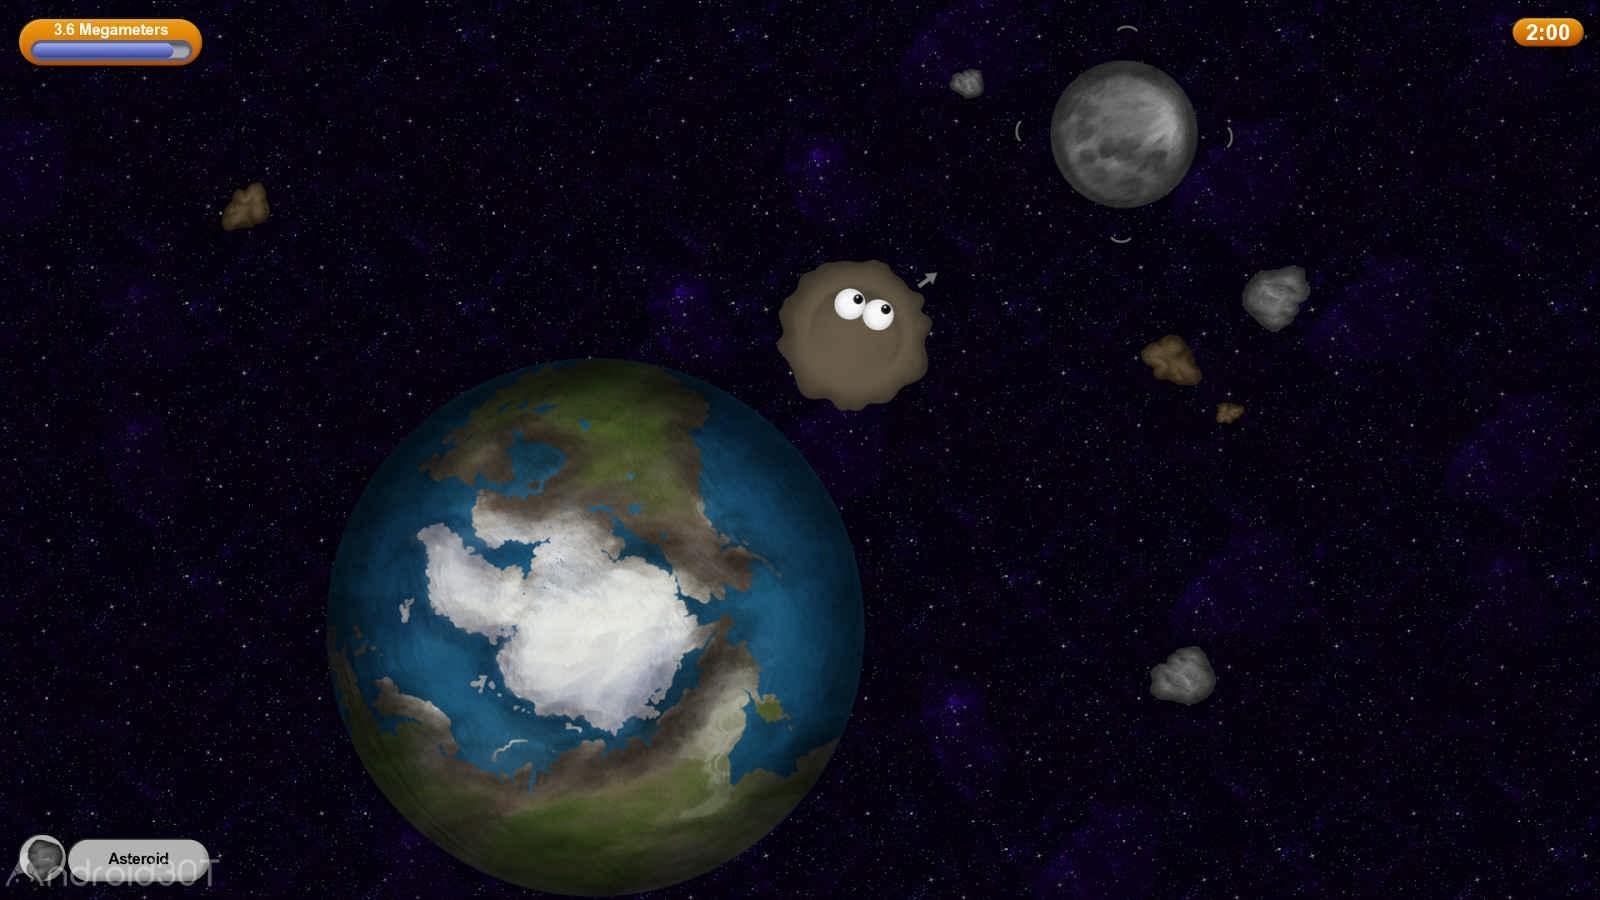 دانلود Tasty Planet 1.8.0.0 – بازی آرکید سیاره خوشمزه اندروید